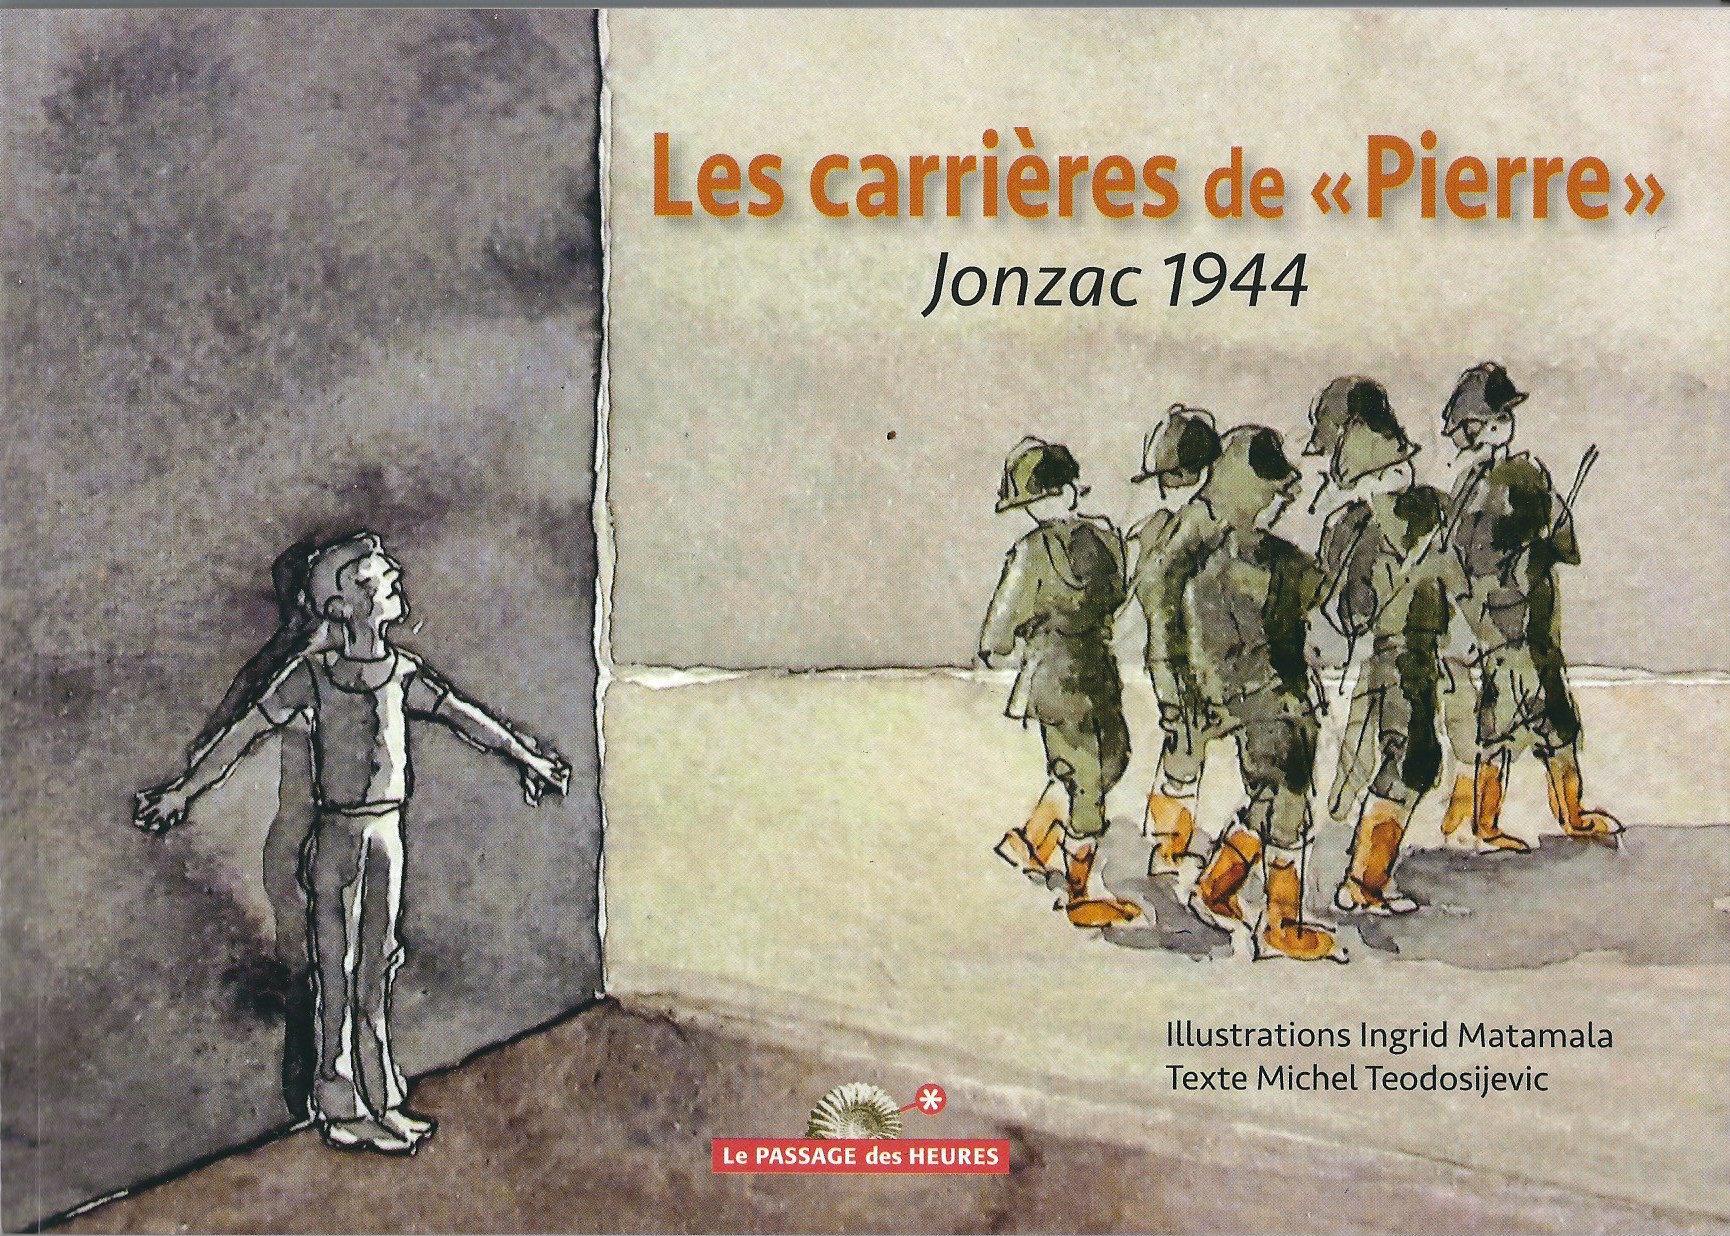 """Les carrières de """"Pierre"""" 0097"""